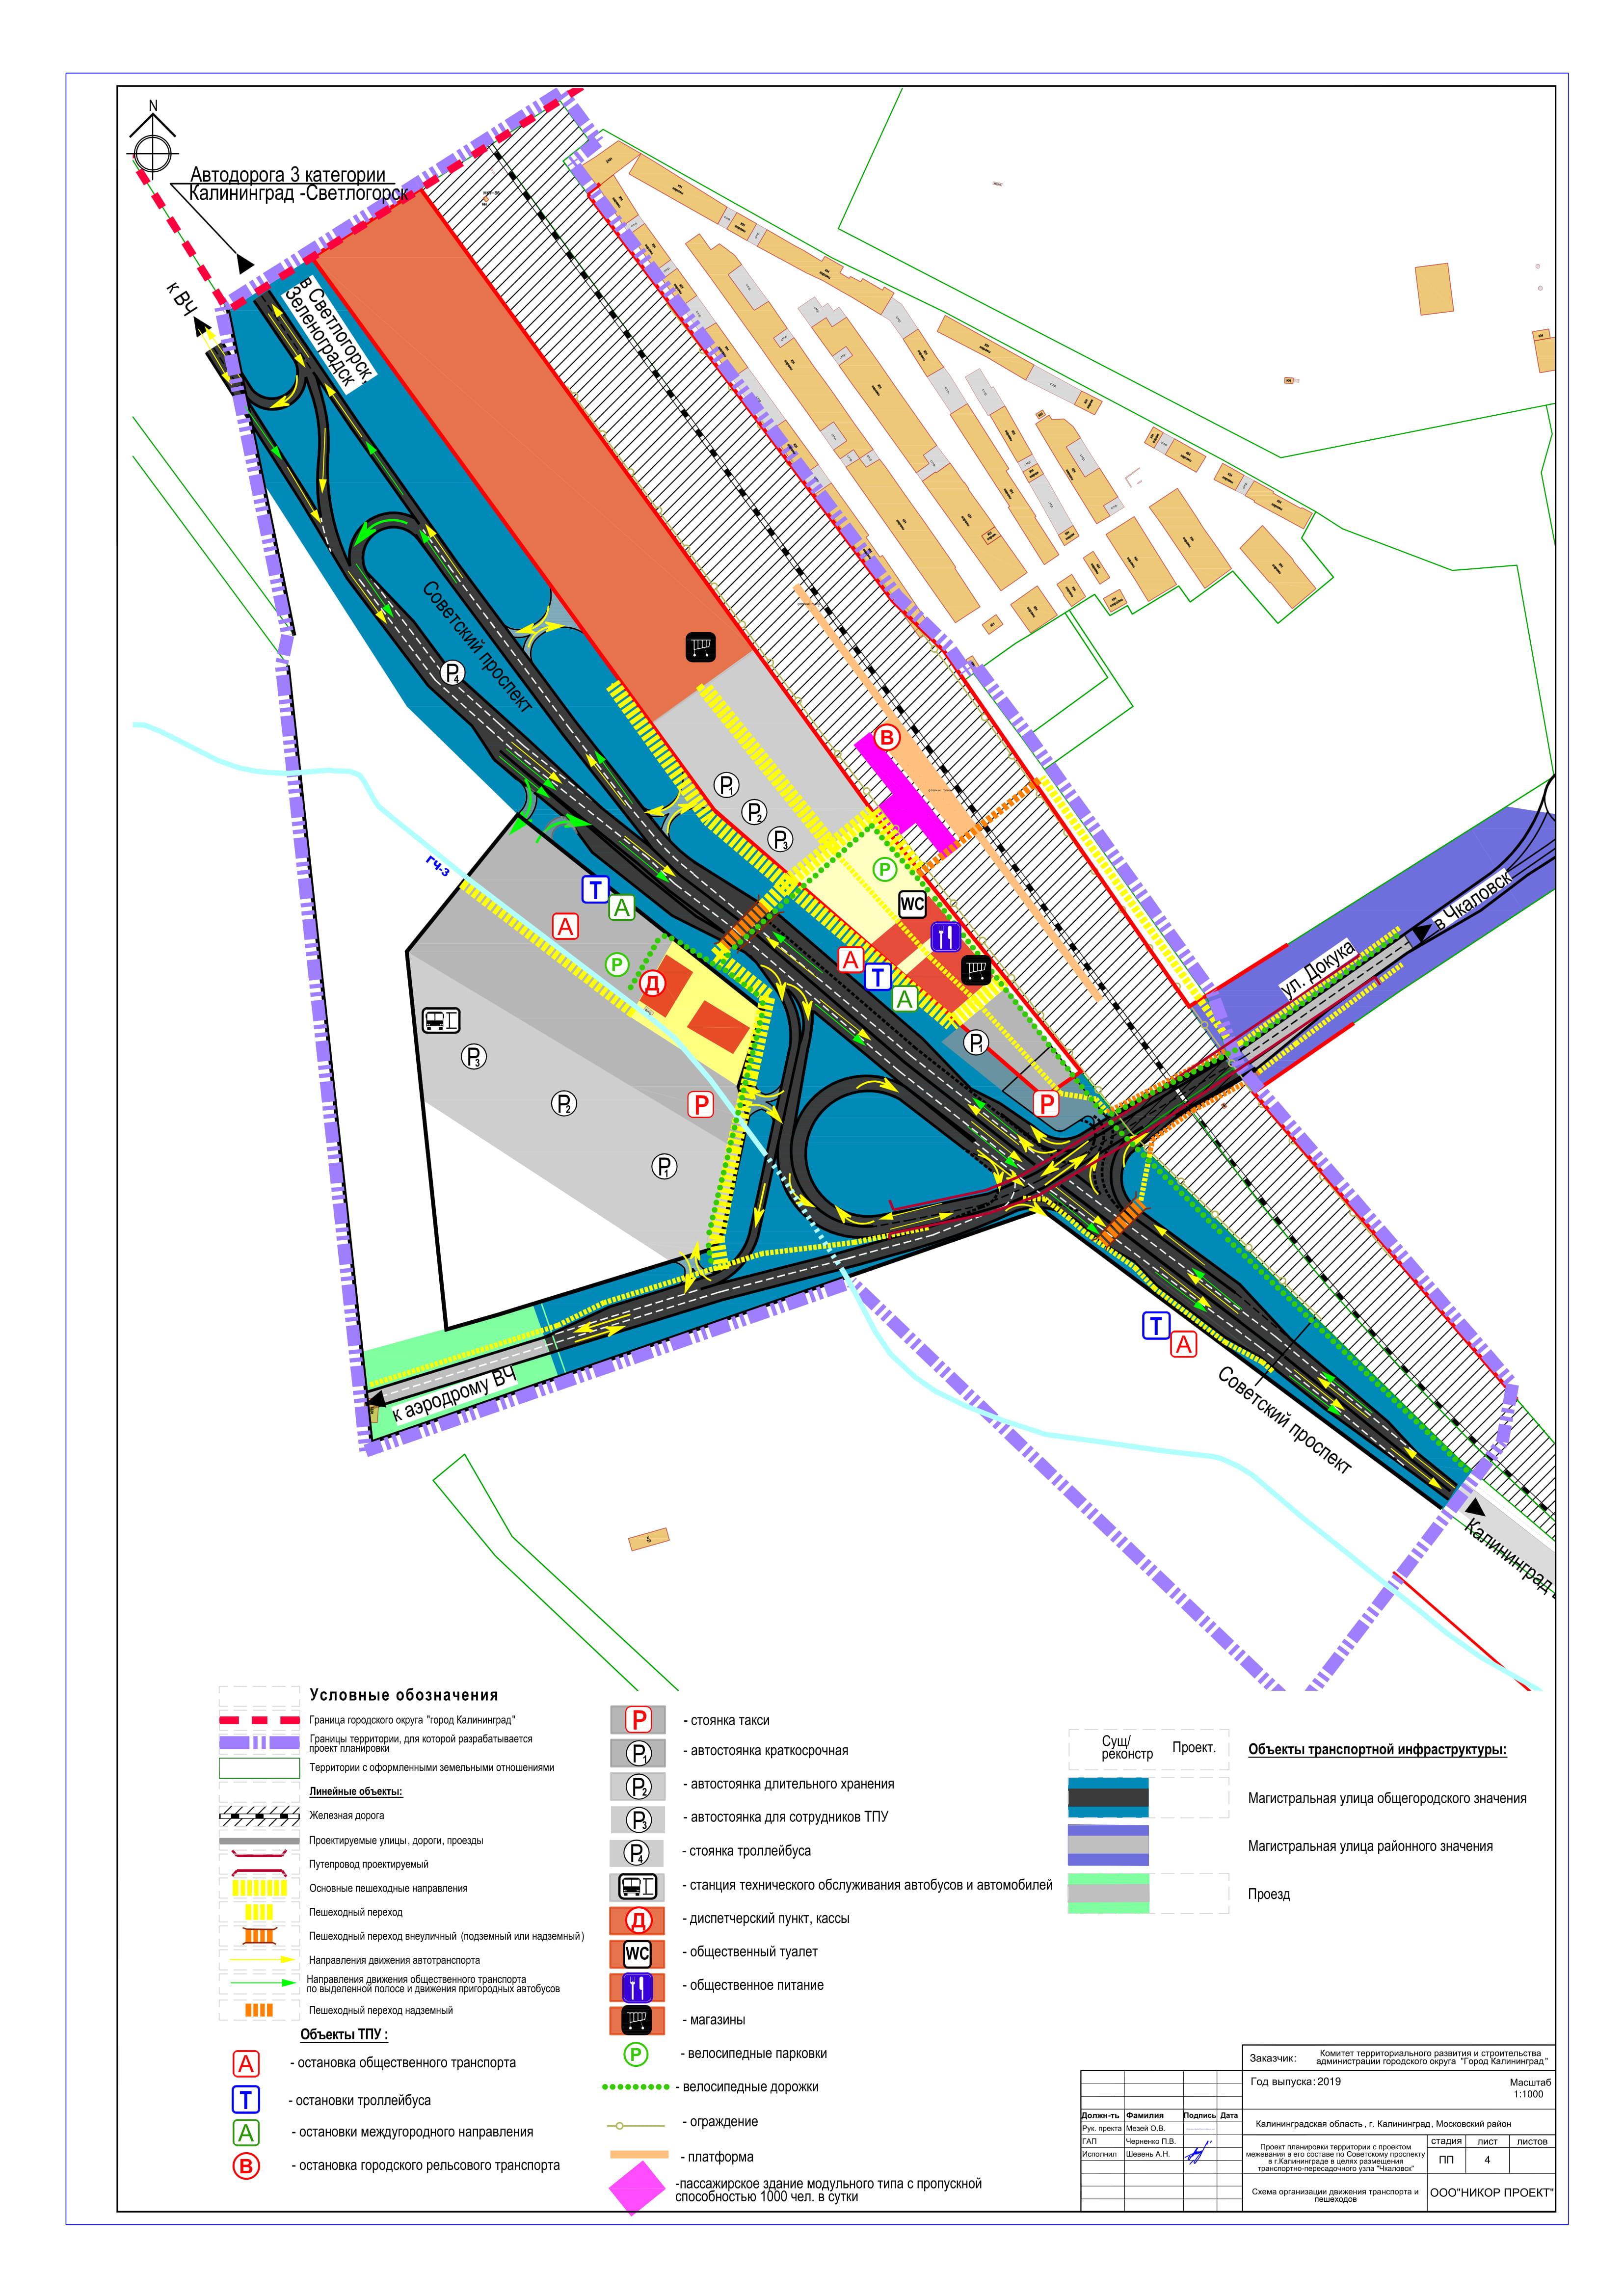 Проект планировки территории ТПУ (транпортно-пересадочный узел)